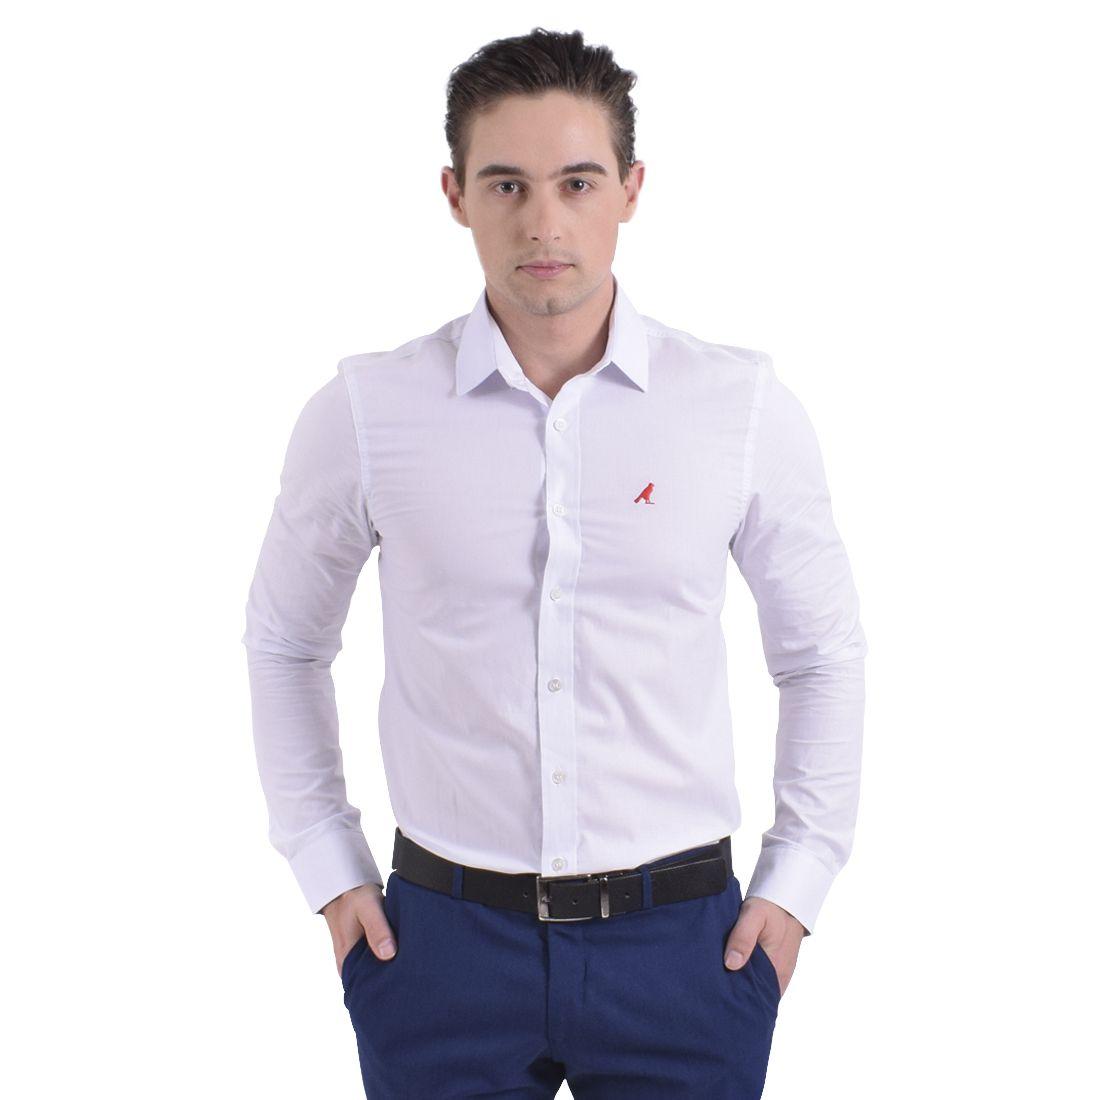 100203 - Camisa Social Masculina Slim Branca - LEVOK